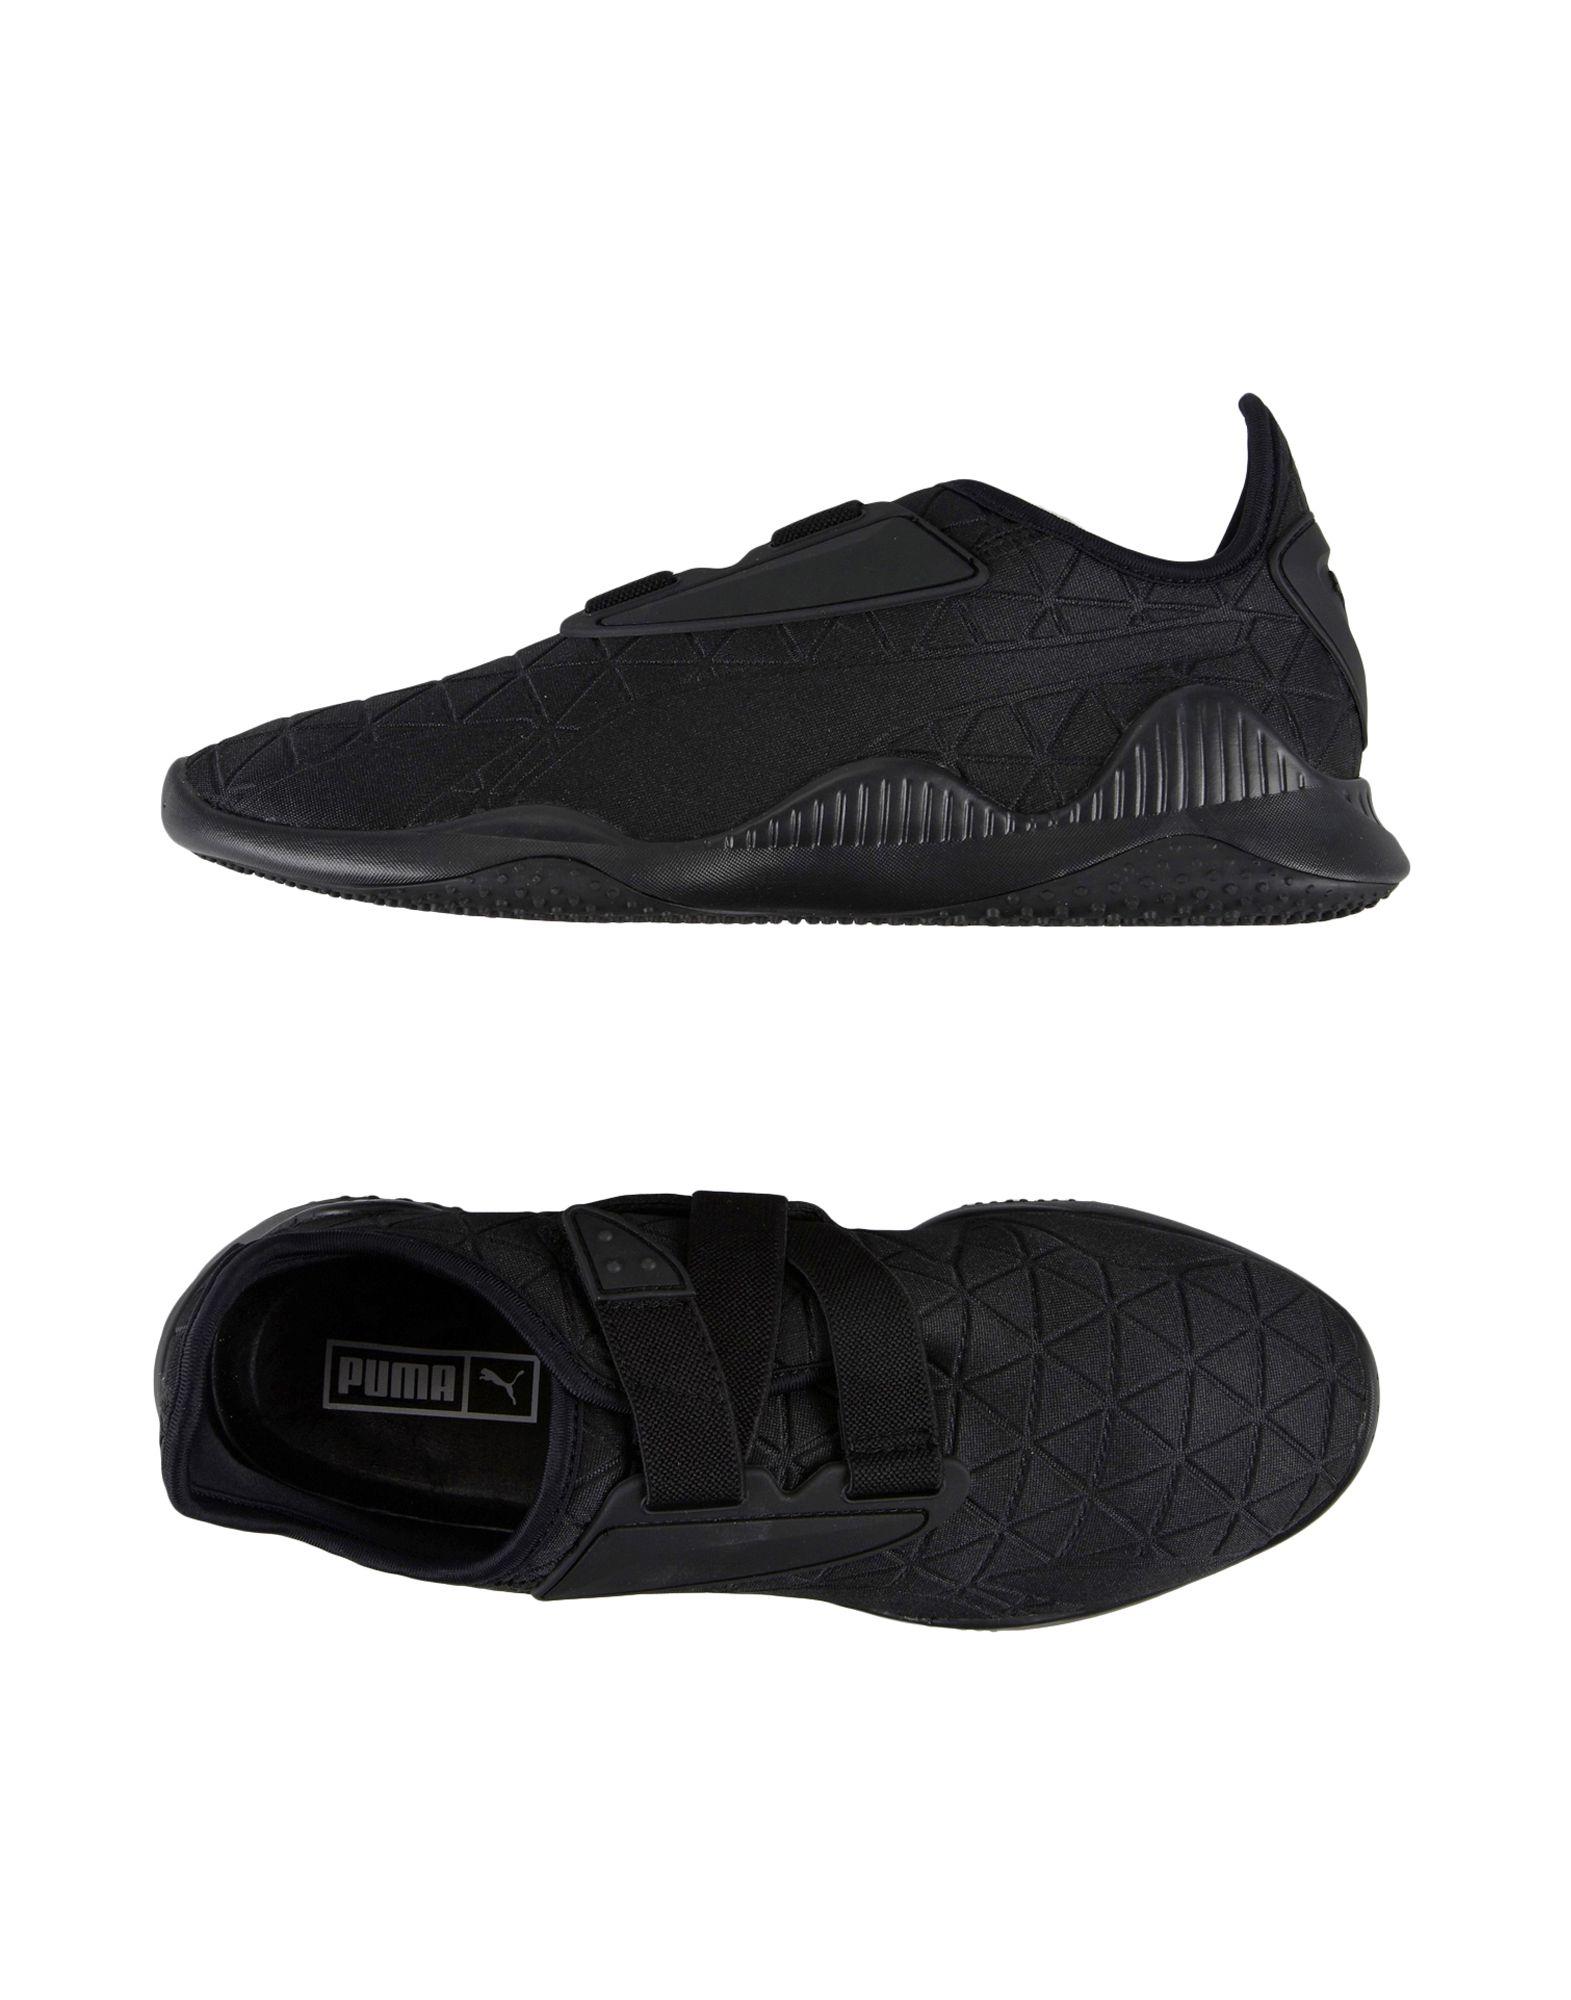 Stilvolle Lfw billige Schuhe Puma Mostro Lfw Stilvolle  11212933VI 044be9